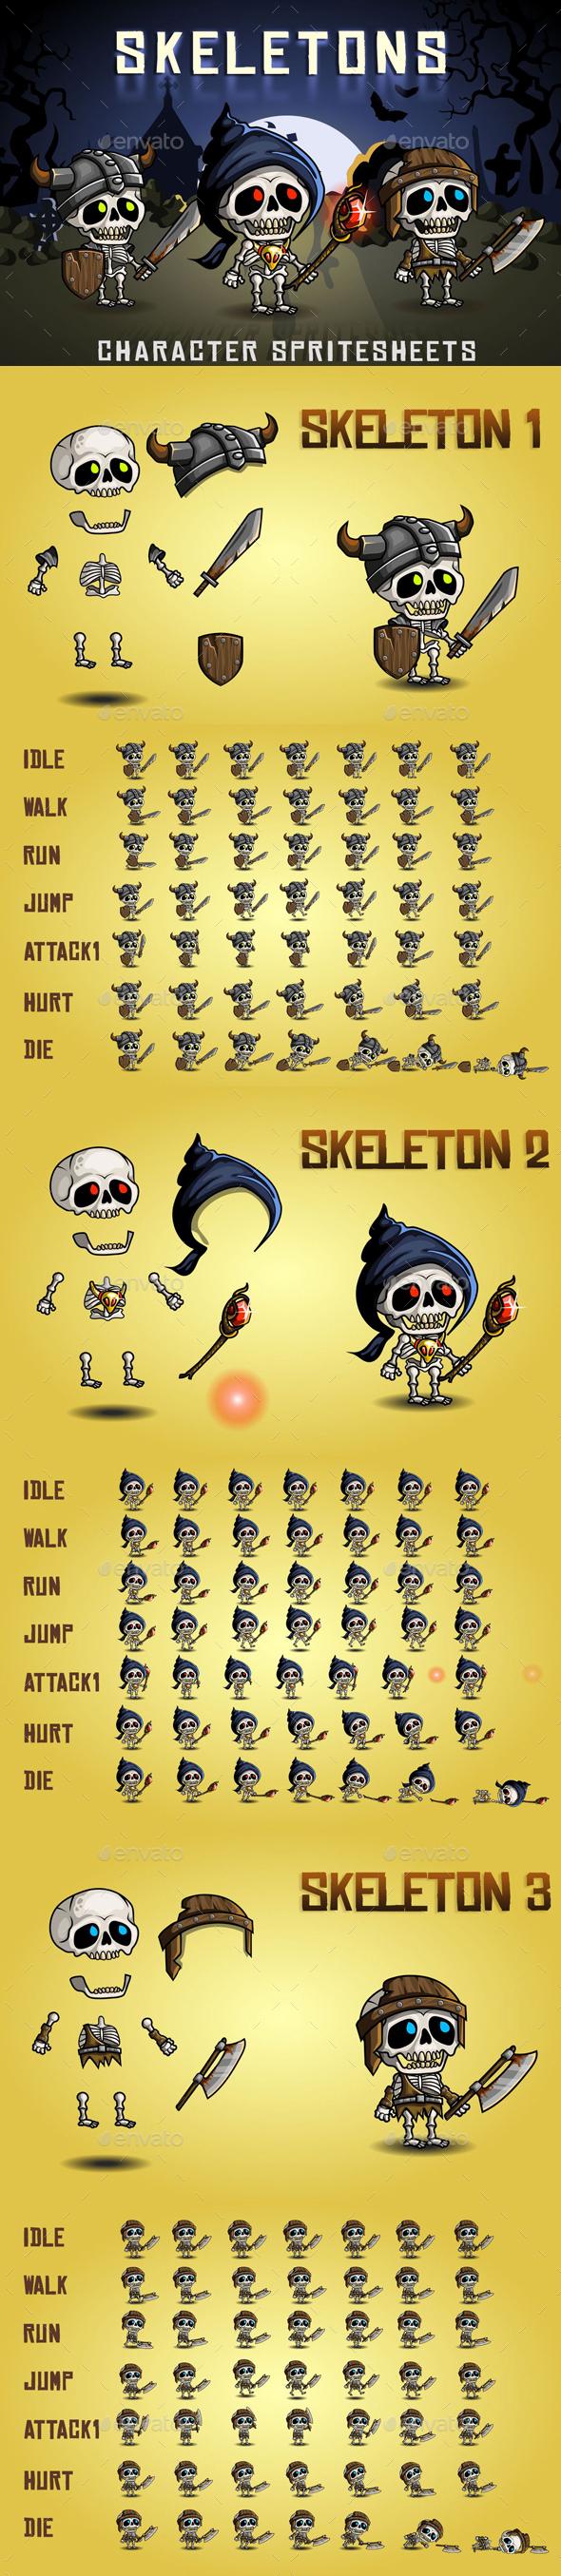 Skeletons 2D Game Character Sprite Sheet (Sprites)